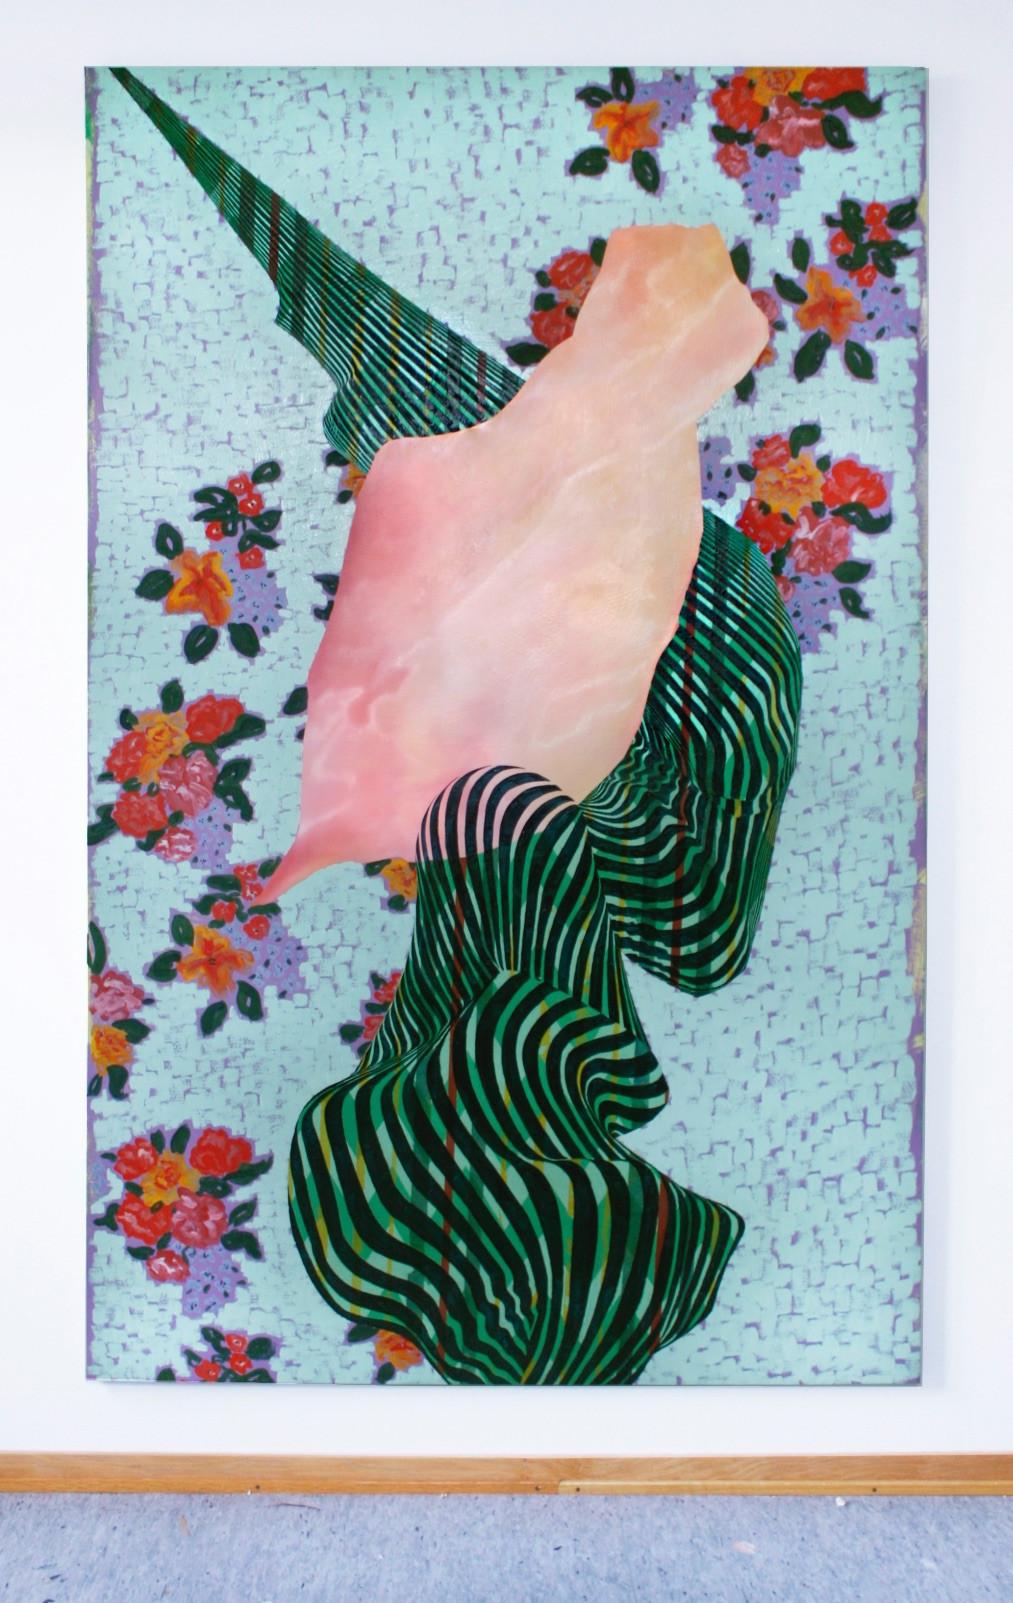 Snäcka, 210x135 cm, olja, tempera och akryl på bomullsduk, 2019